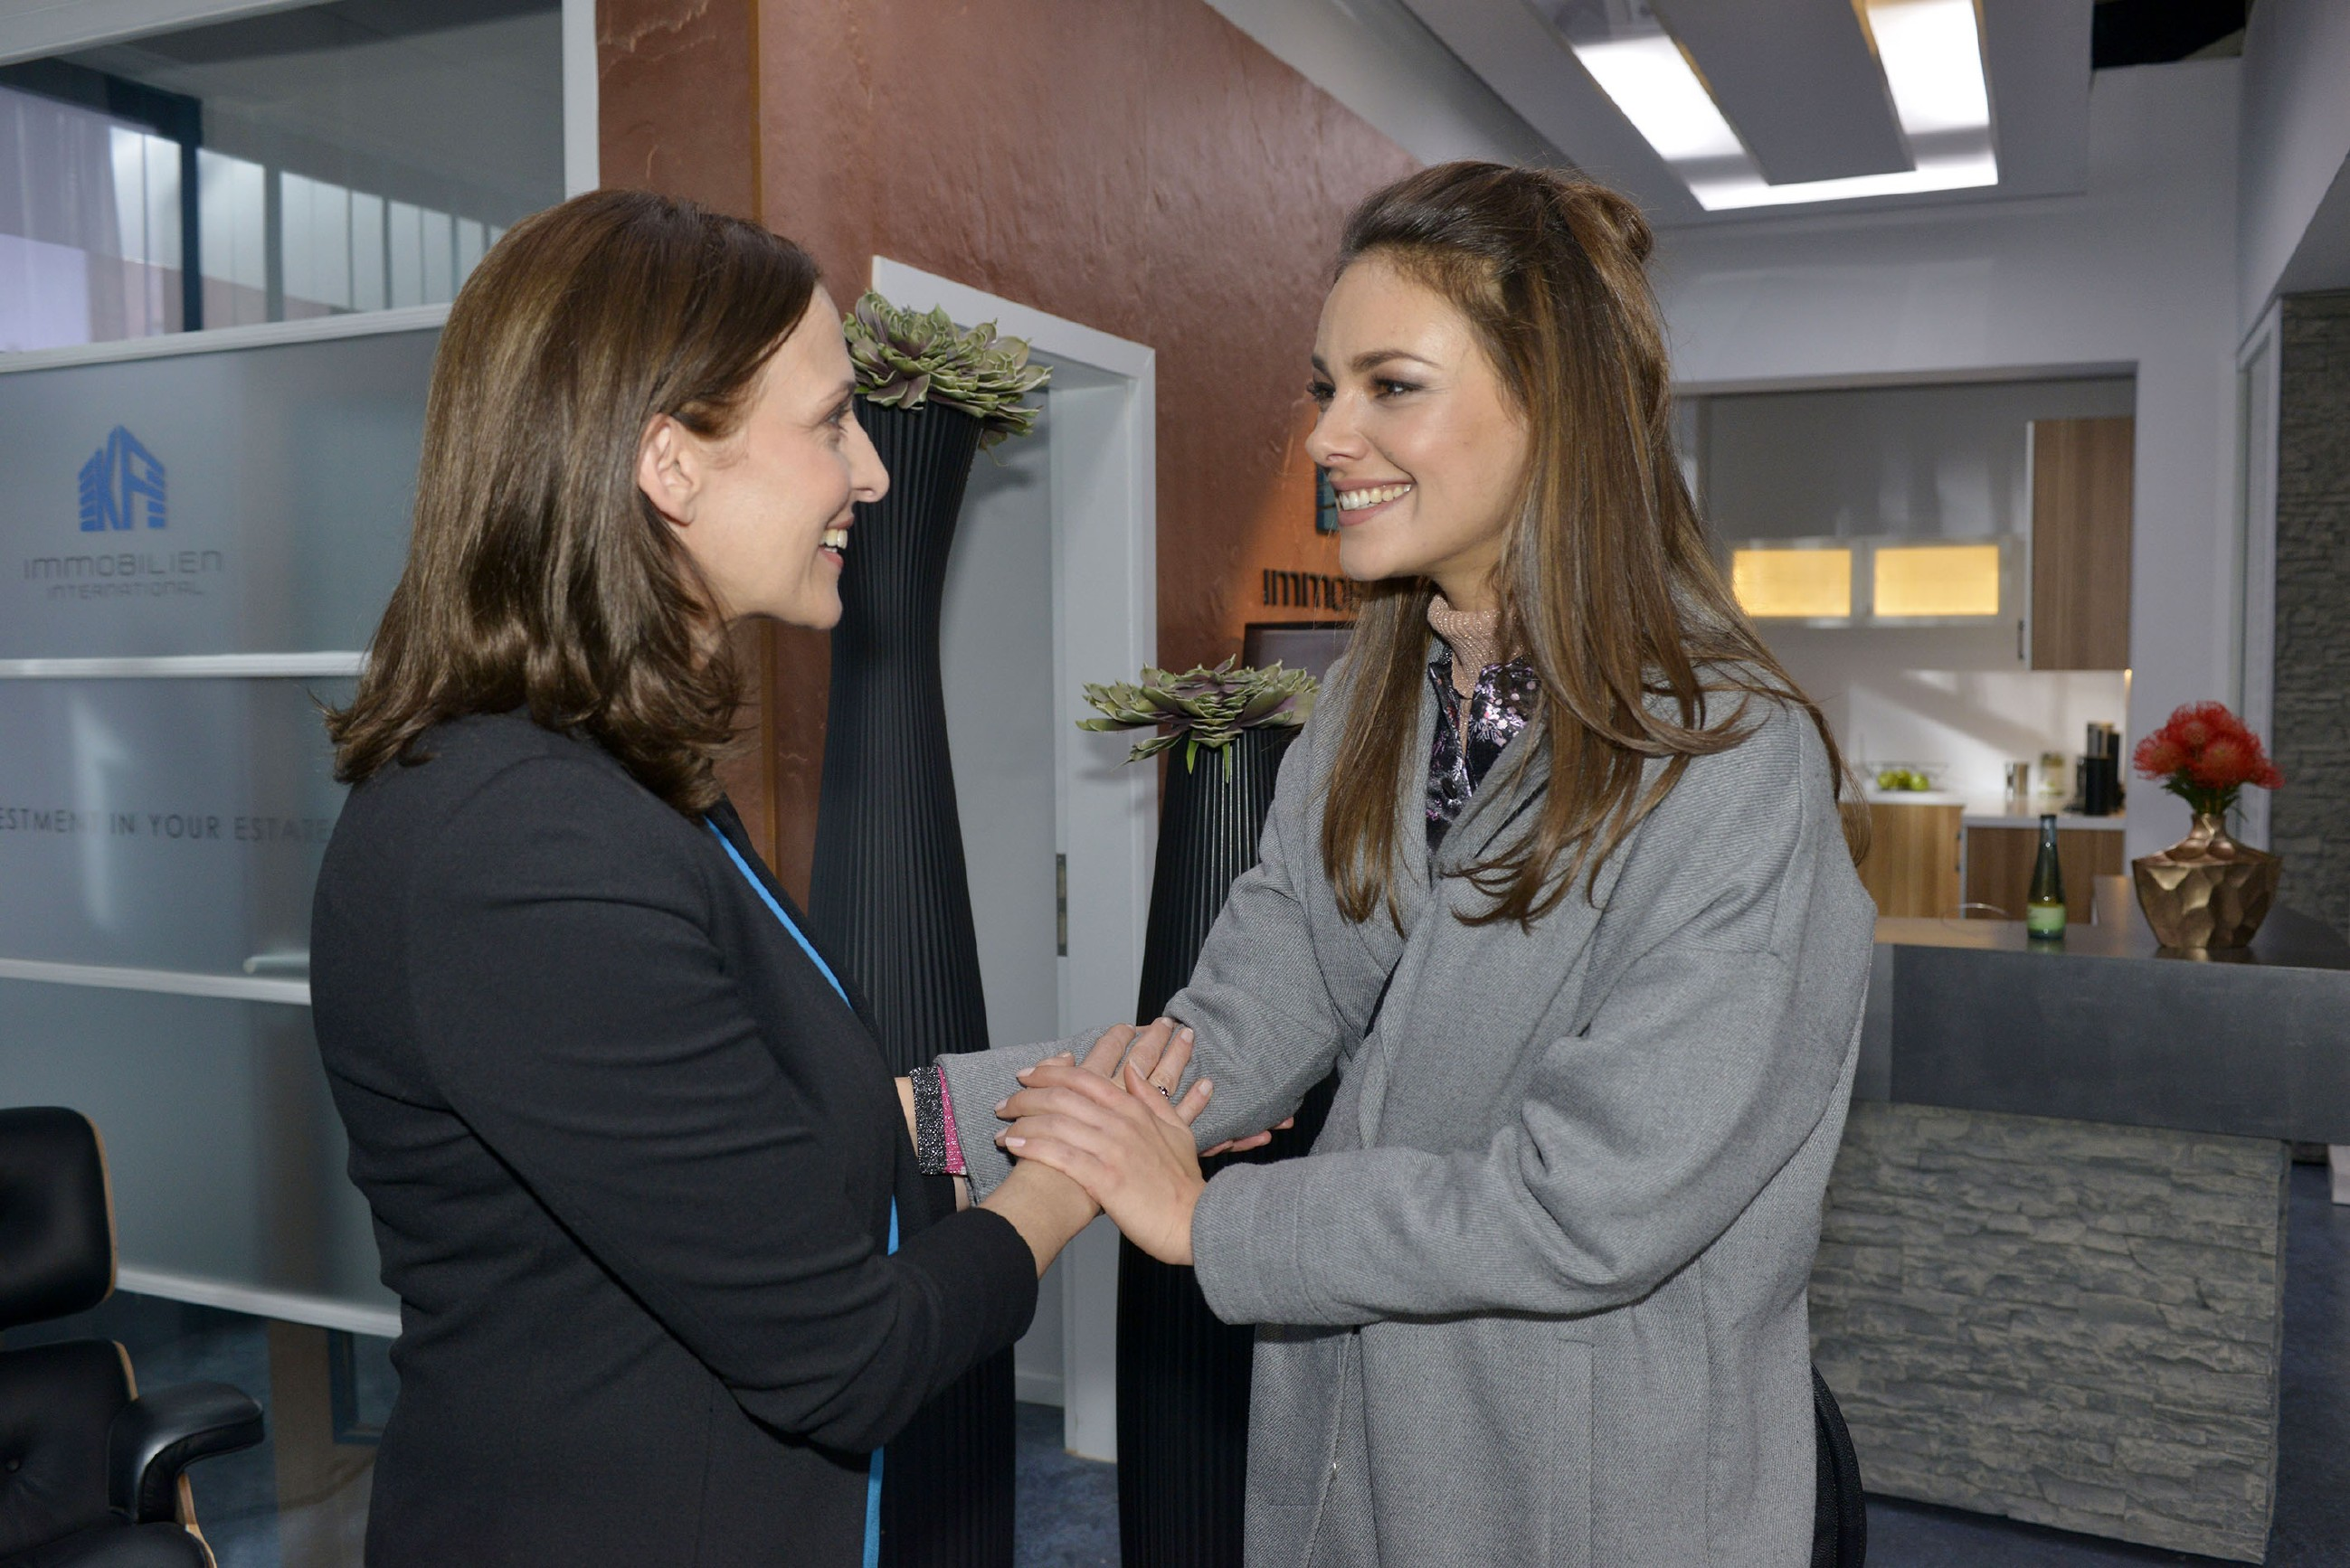 Katrin (Ulrike Frank, l.) freut sich, dass Jasmin (Janina Uhse) das tolle Jobangebot angenommen hat. (Quelle: RTL / Rolf Baumgartner)